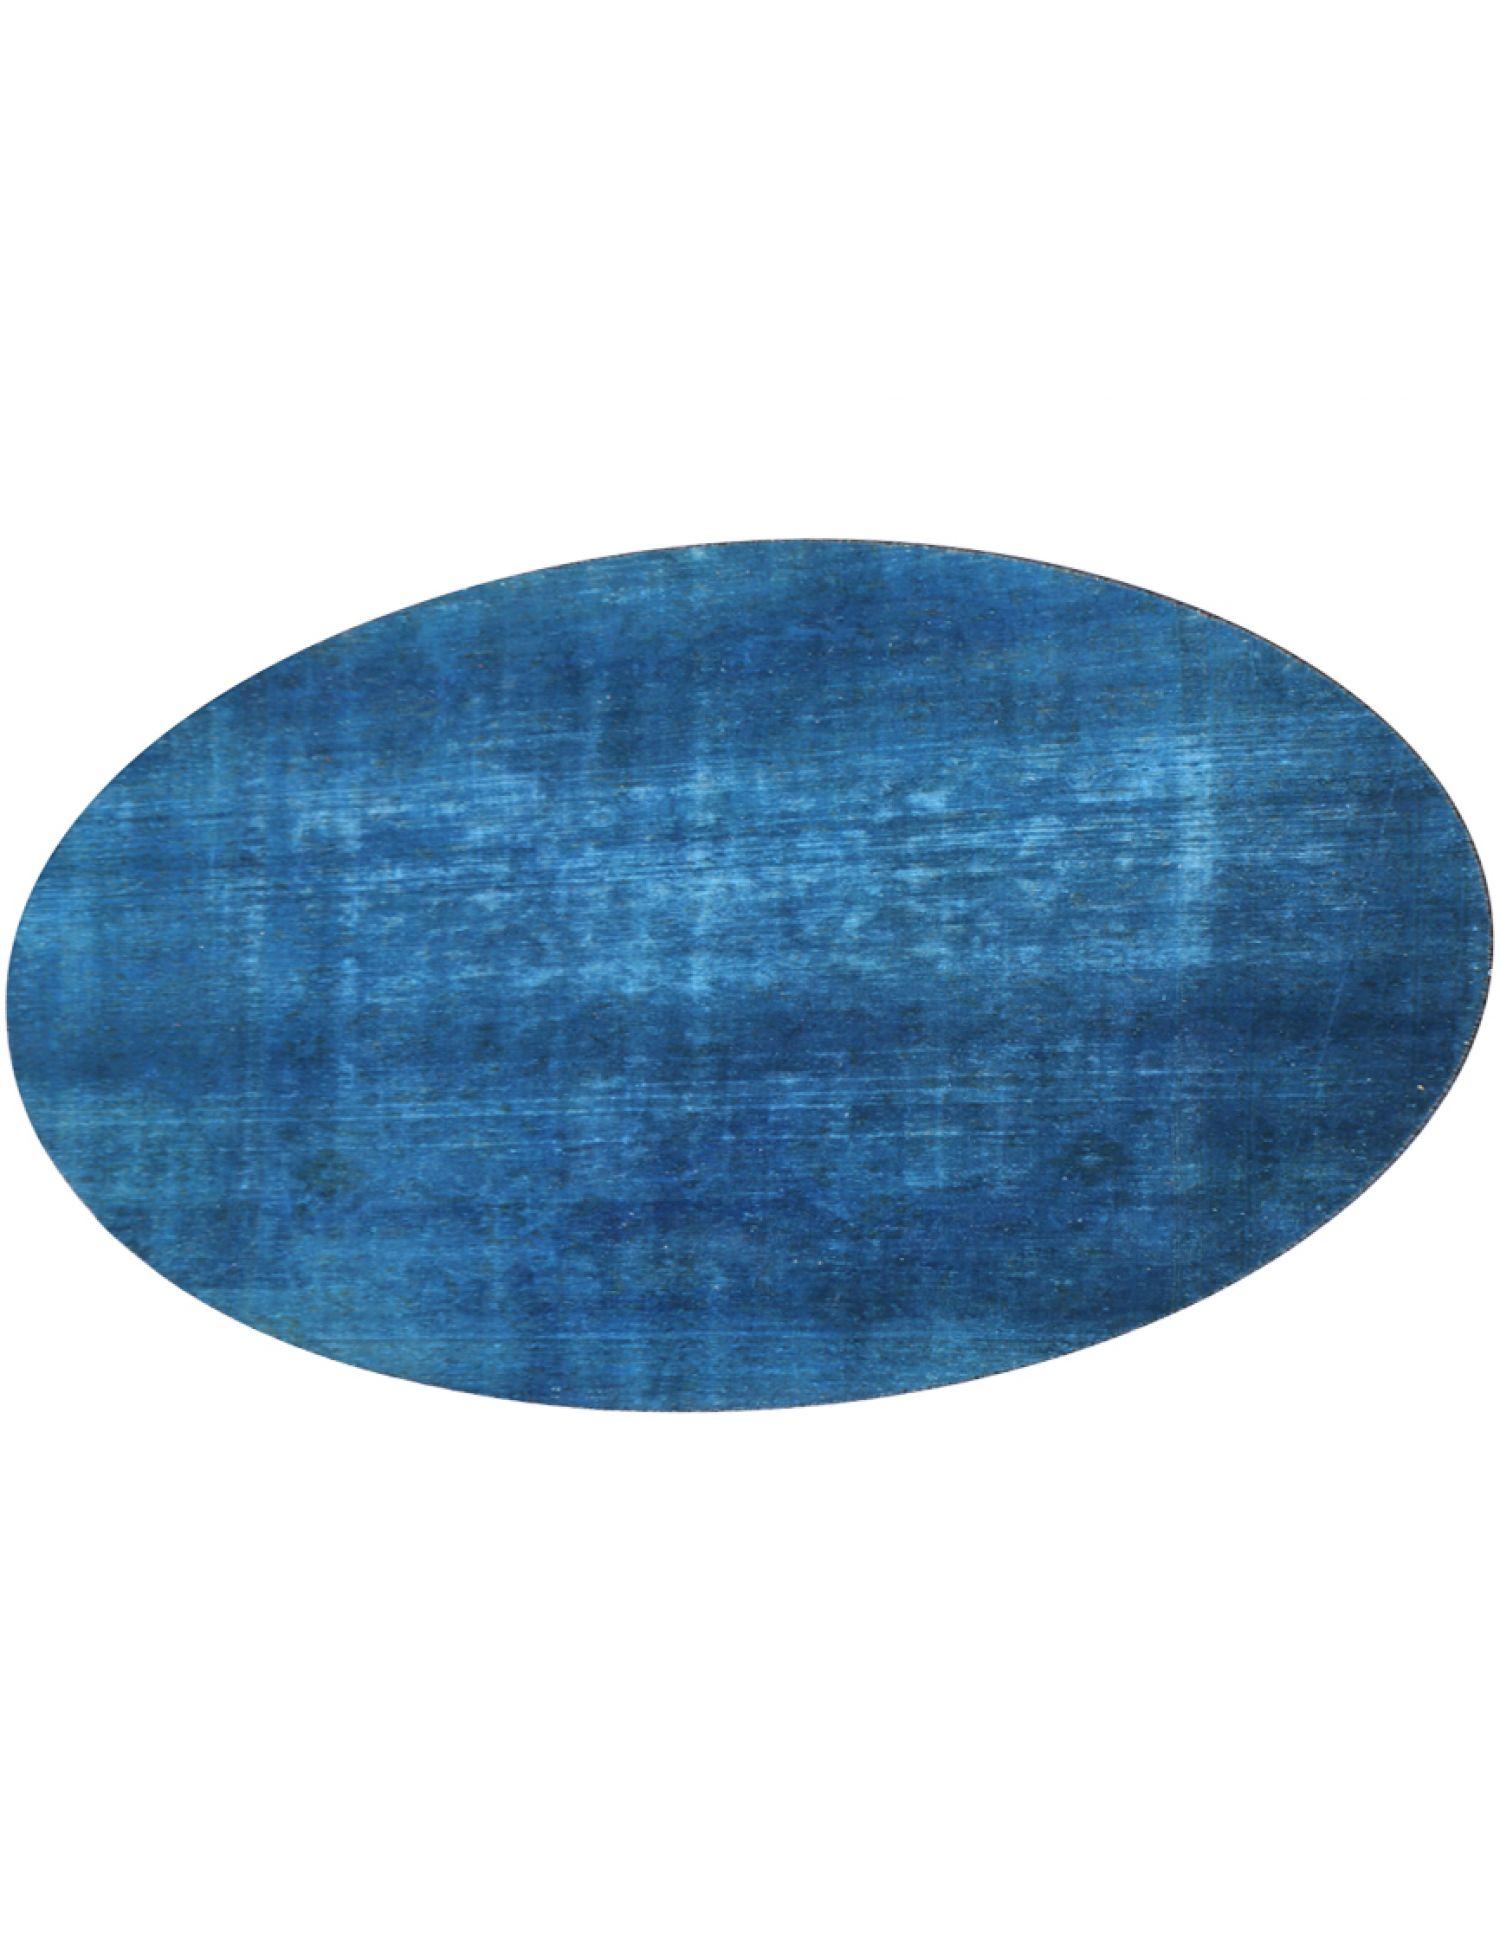 Vintage Perserteppich  blau <br/>243 x 243 cm